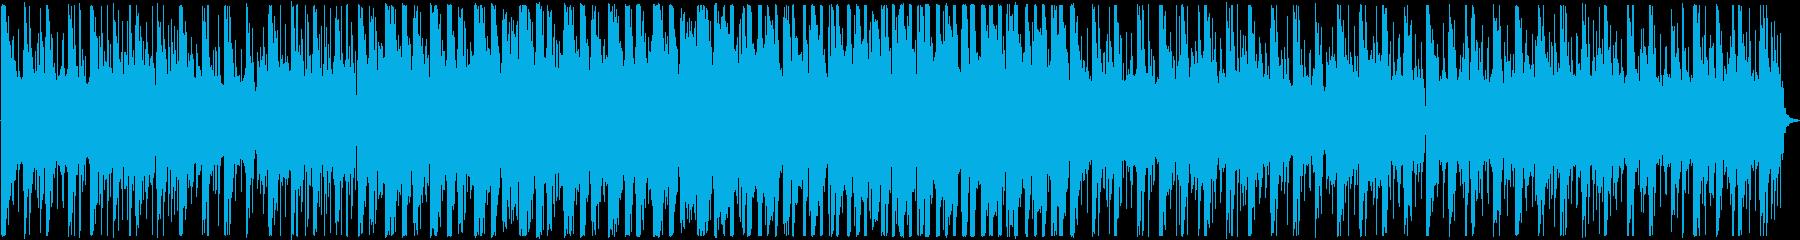 背景をポップします。の再生済みの波形